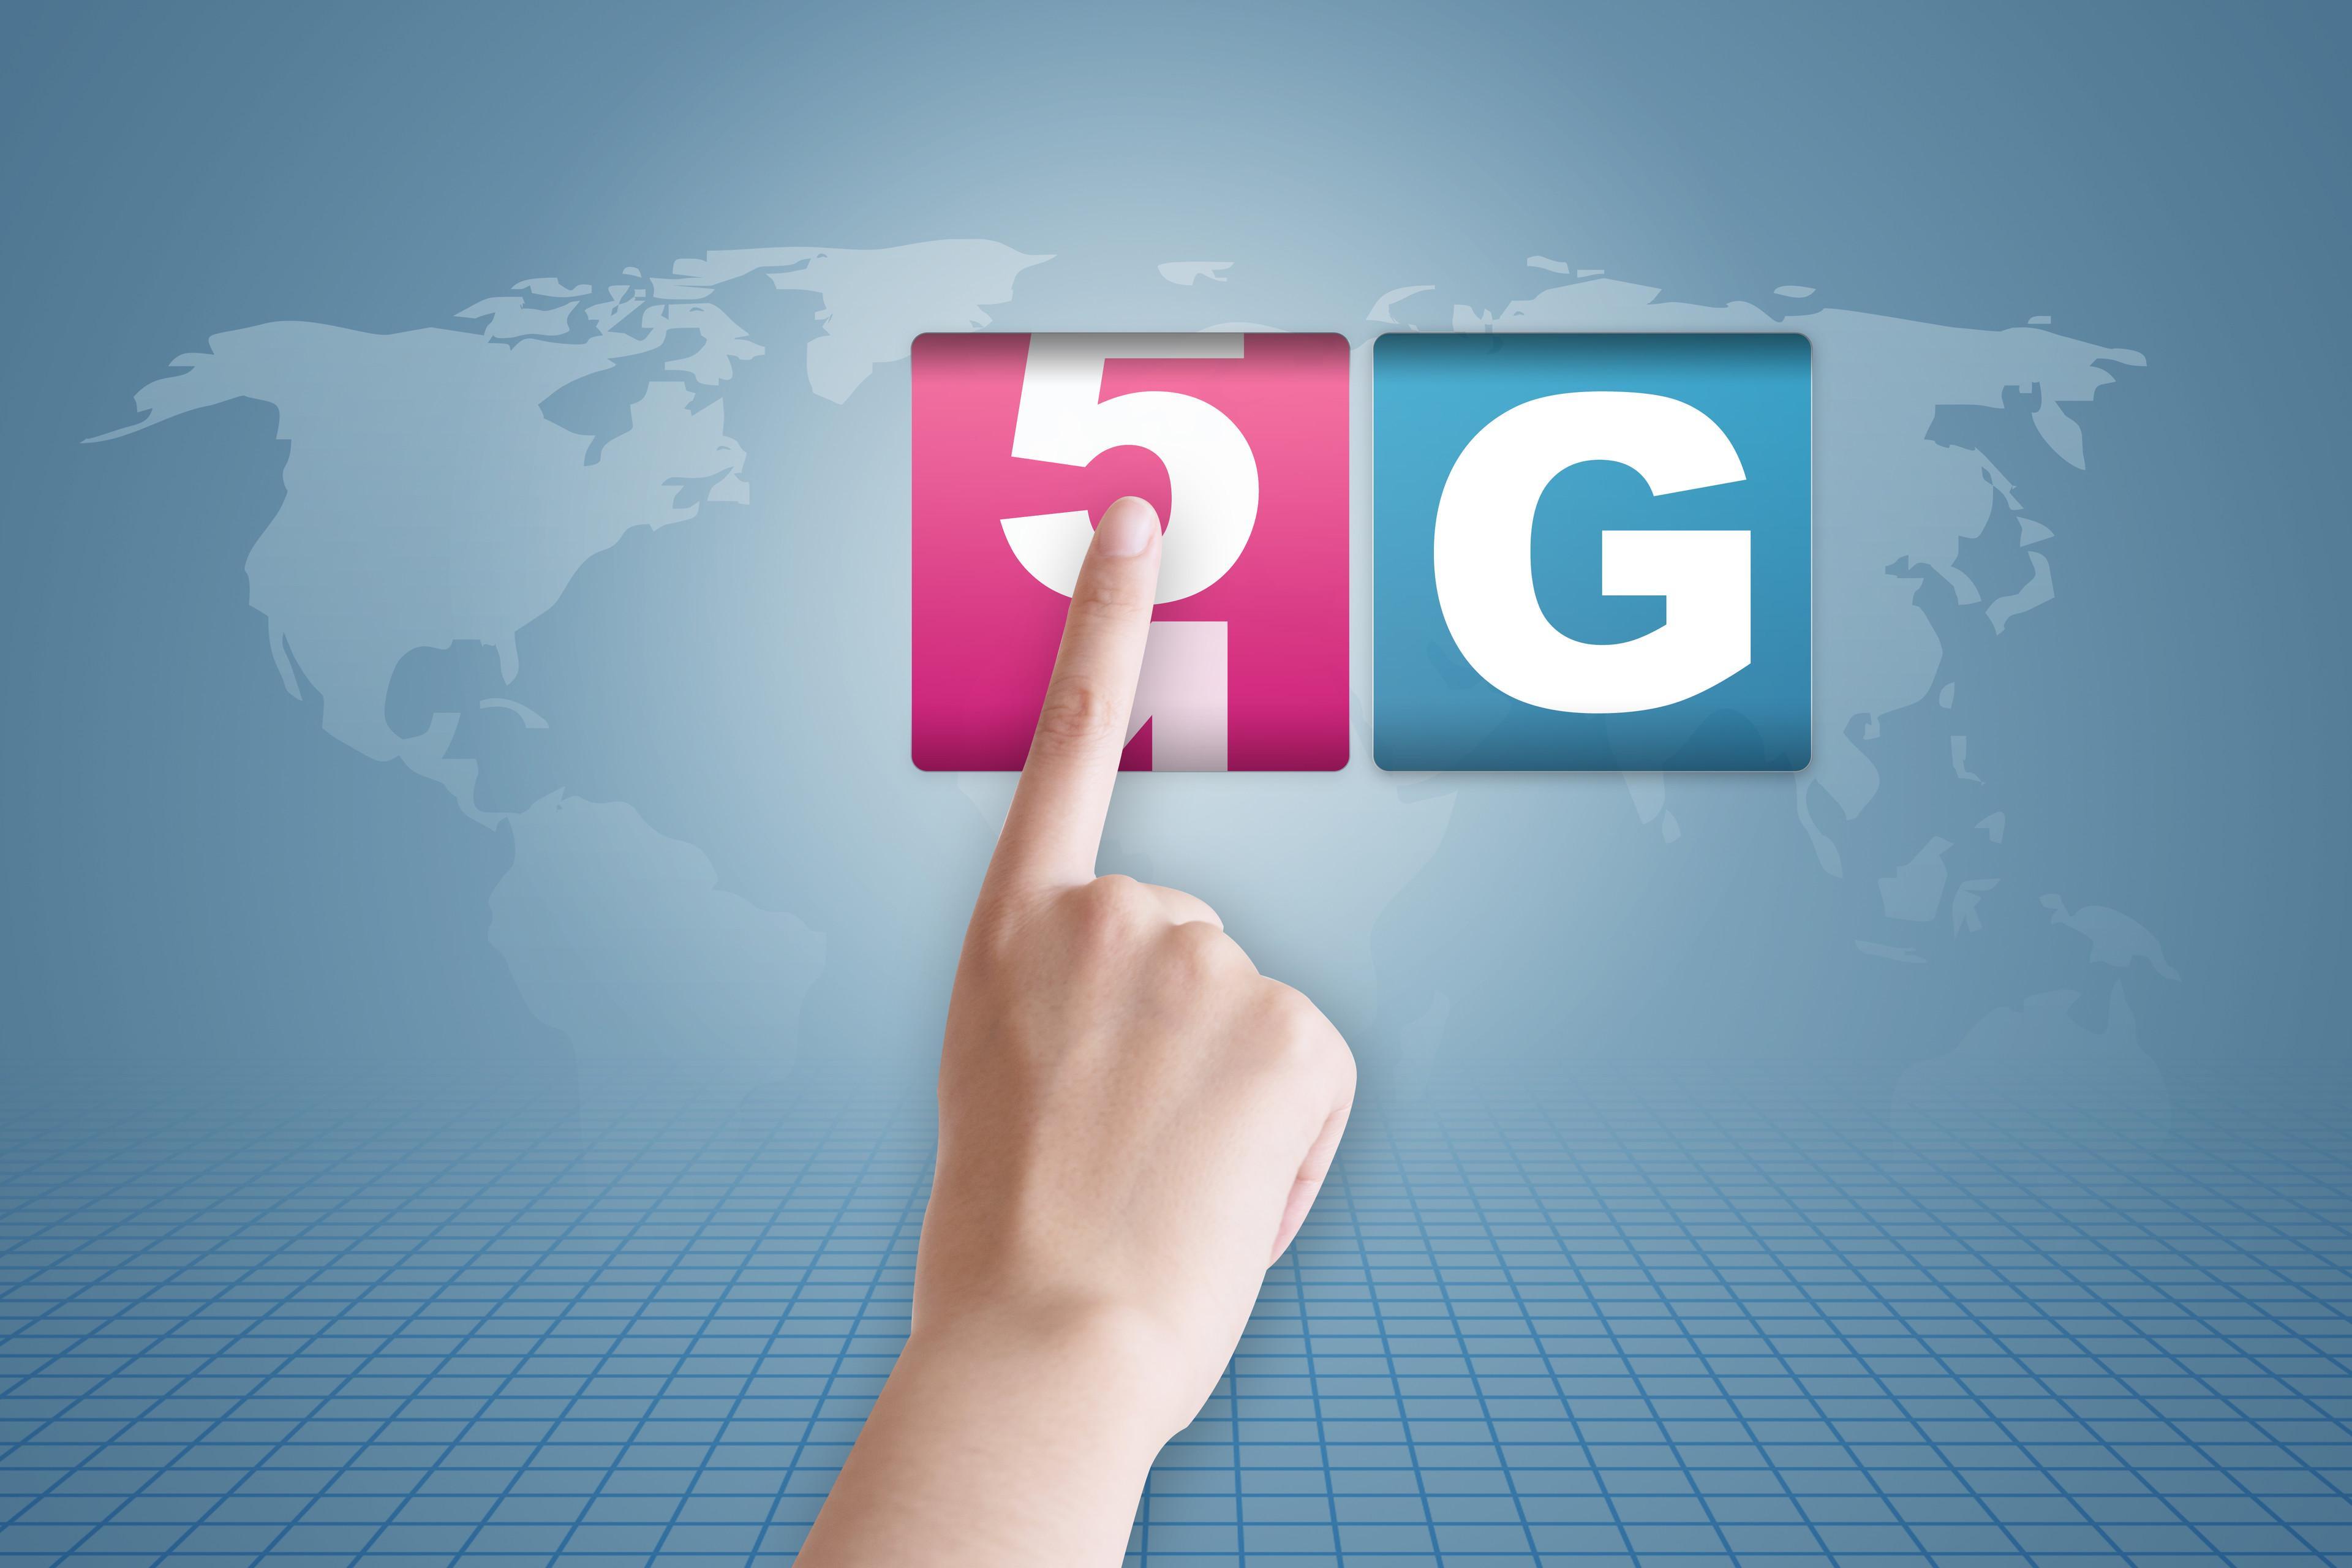 手机靓号电信800万用户已预约5G套餐!中国移动占大头,套餐内